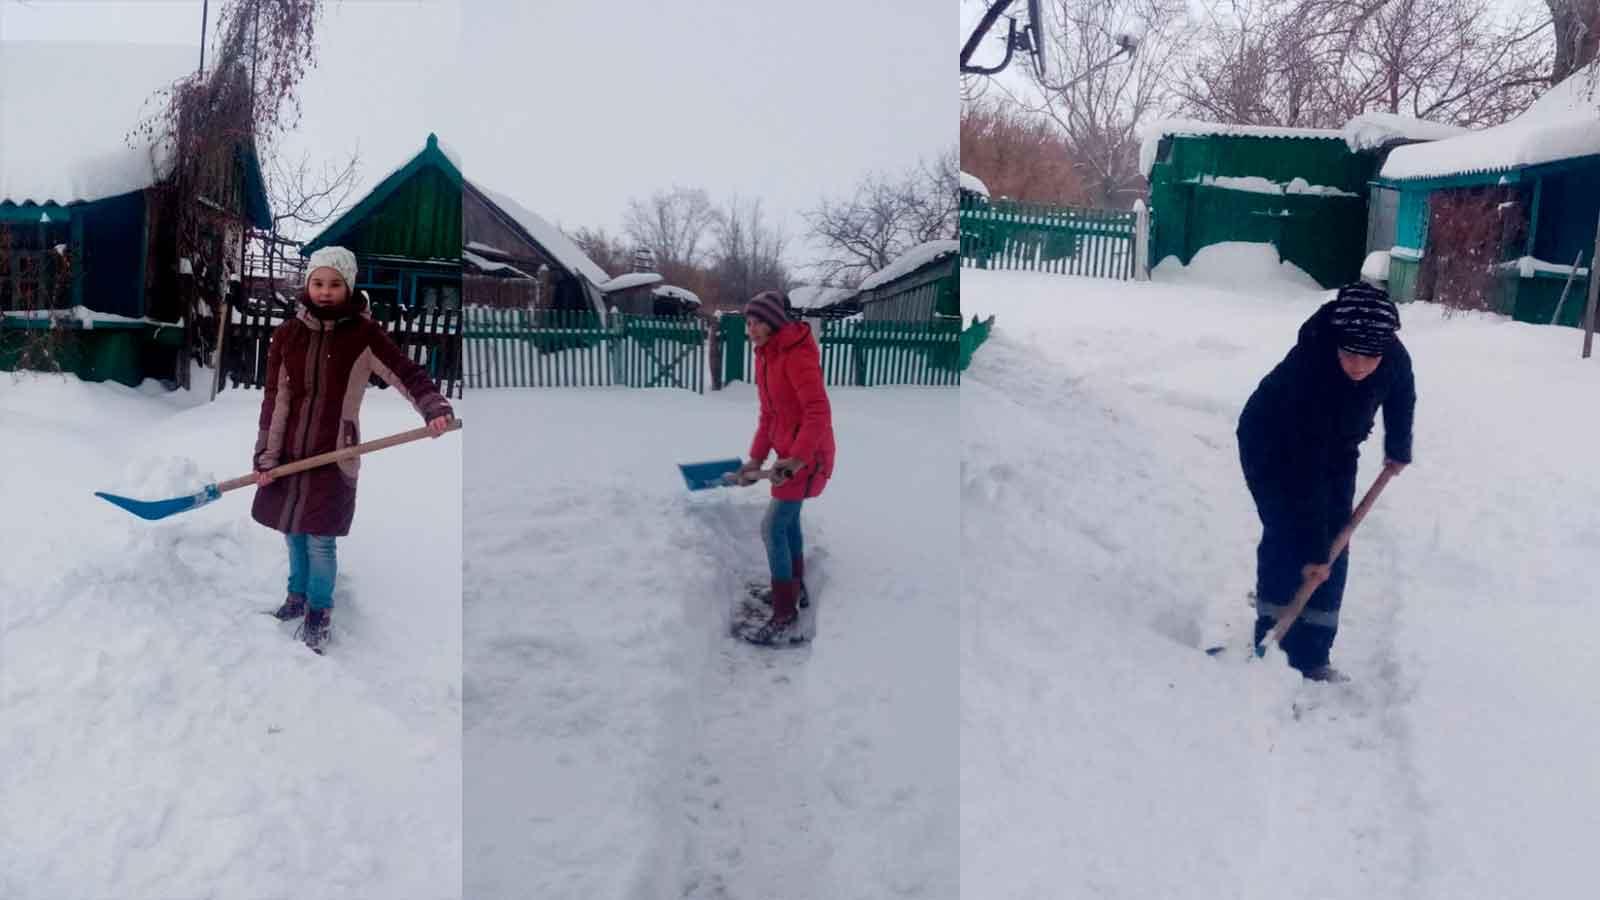 Оренбургская область: добровольцы от СР помогают пожилым людям в сельской местности чистить снег